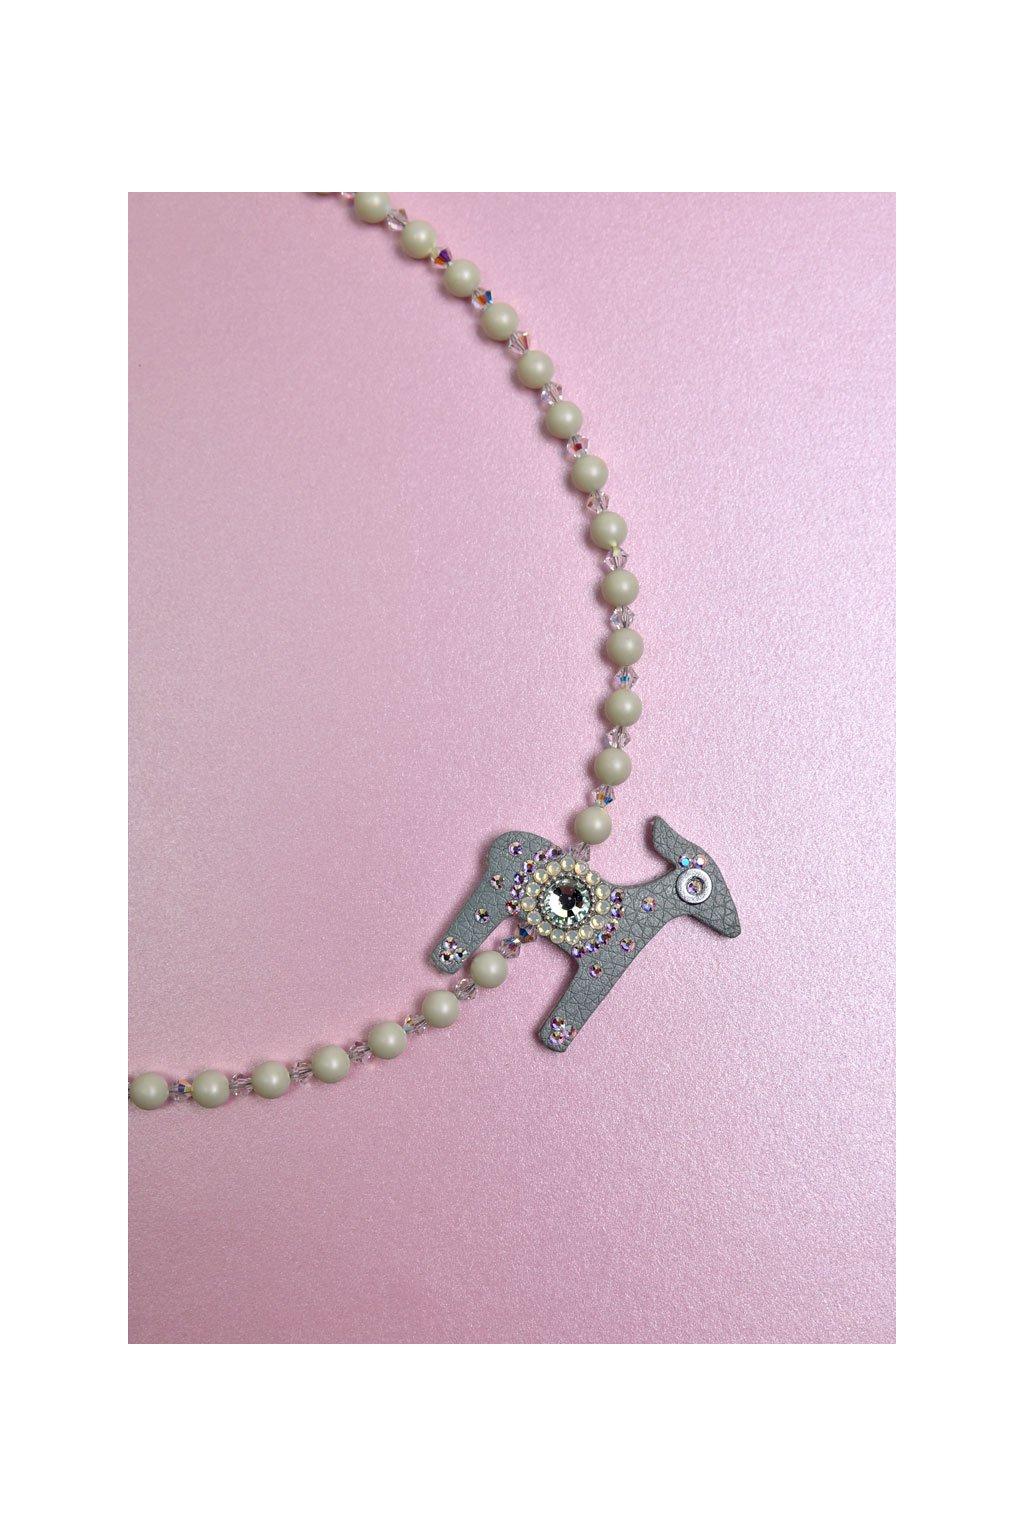 Modrý náhrdelník na řetízku